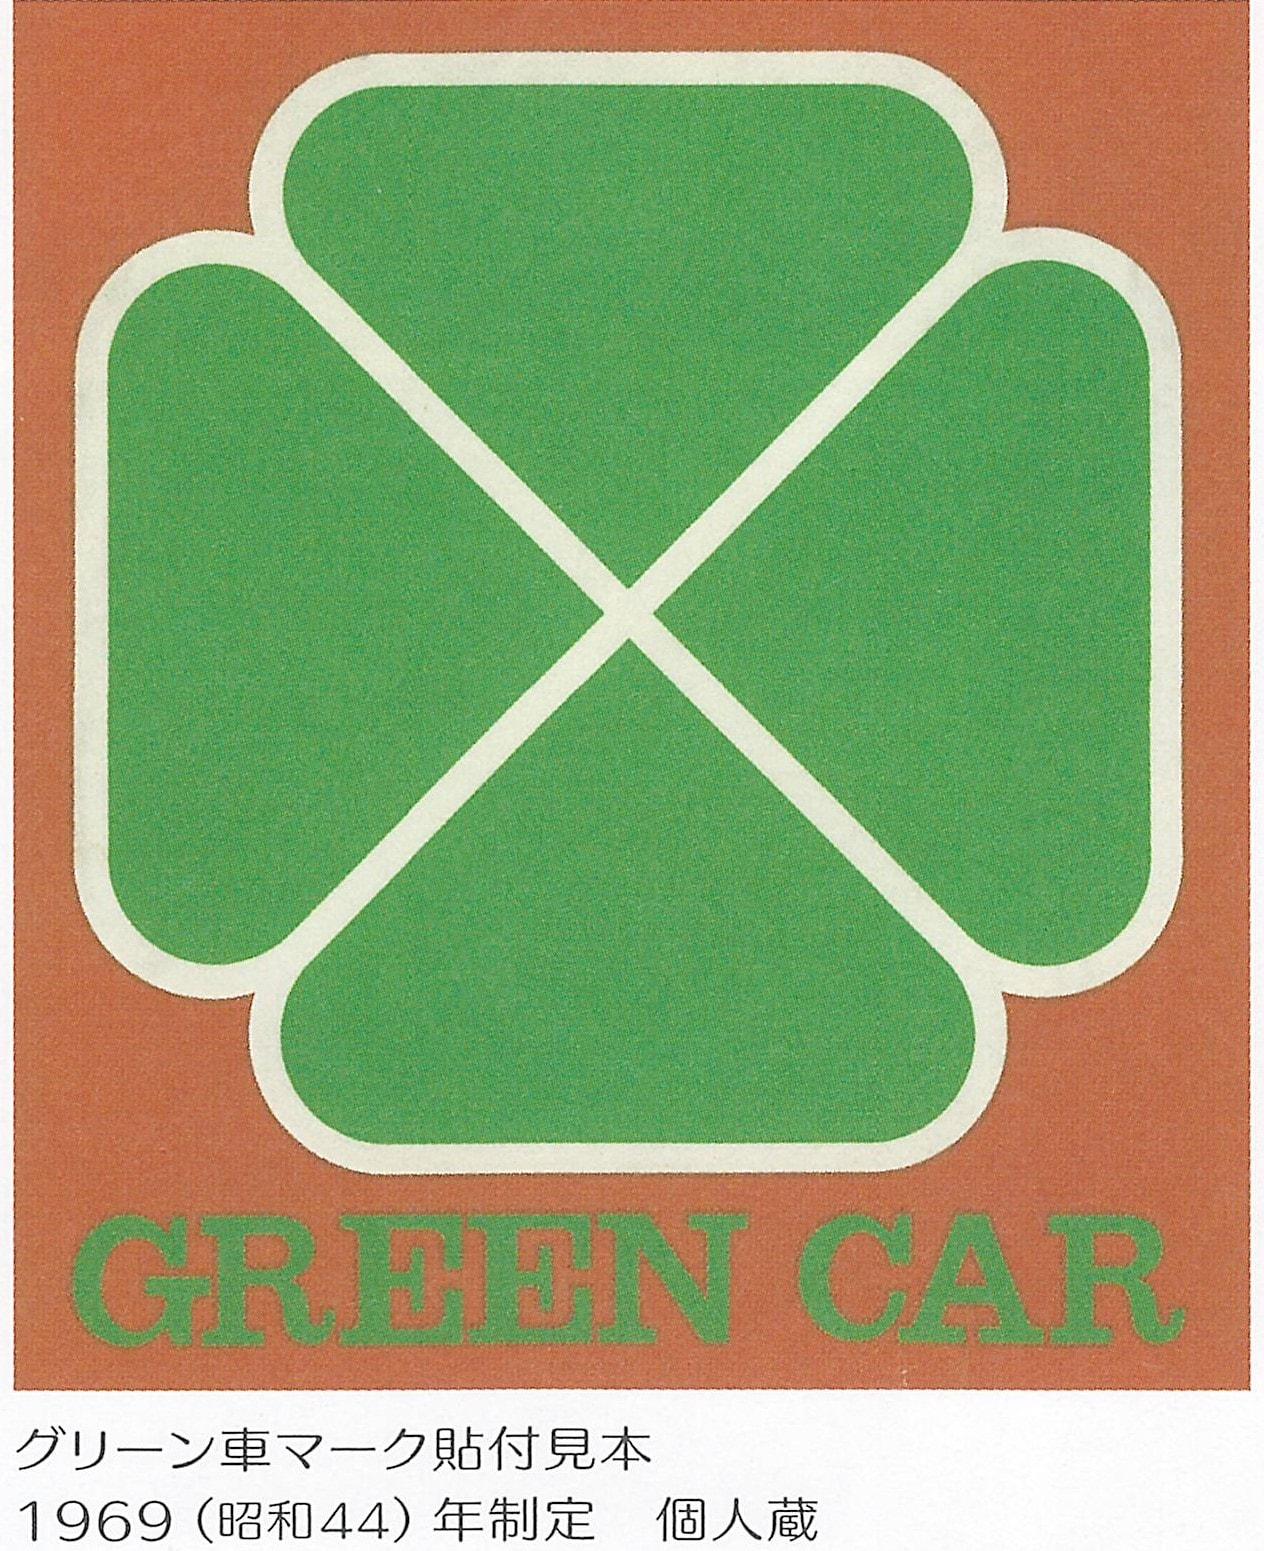 グリーン車マーク貼付見本 1969